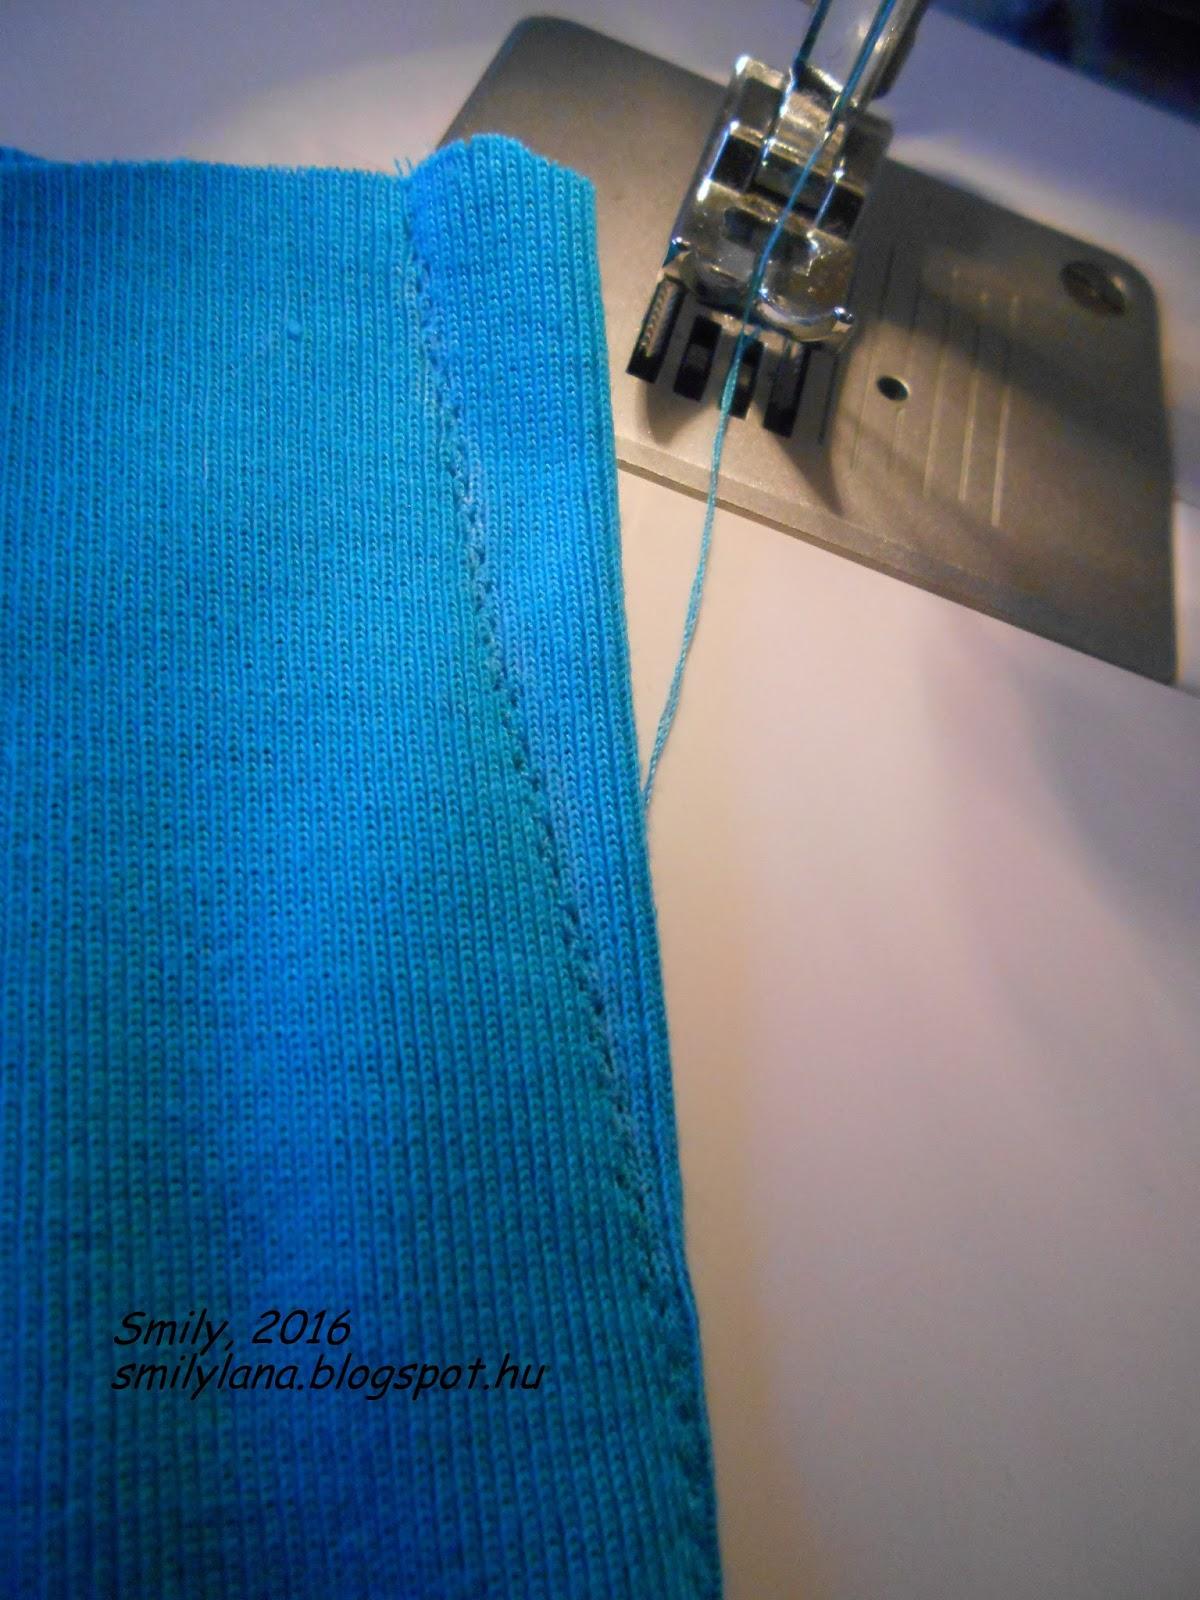 Как шить трикотаж на обычной швейной машине: все о трикотажном шве 745